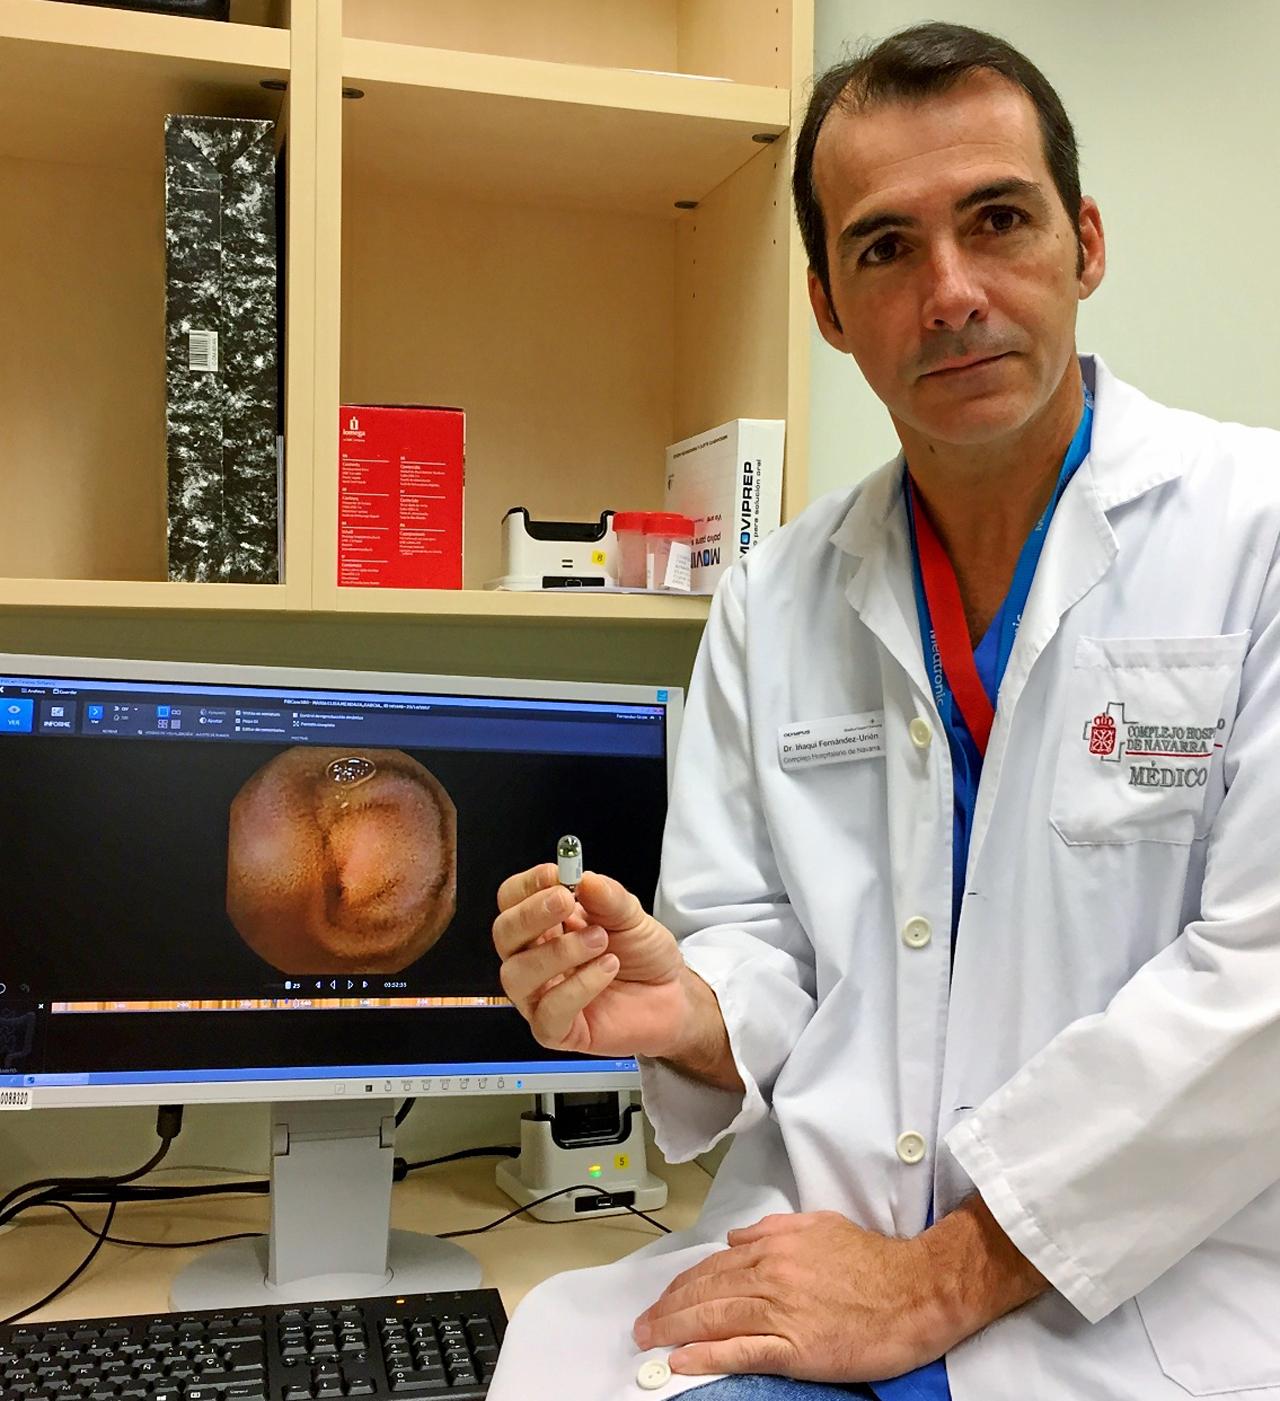 Ignacio Fernández-Urien, del Hospital de Navarra, en cuyo Servicio de Digestivo realizan unas 400 exploraciones con cápsula al año.